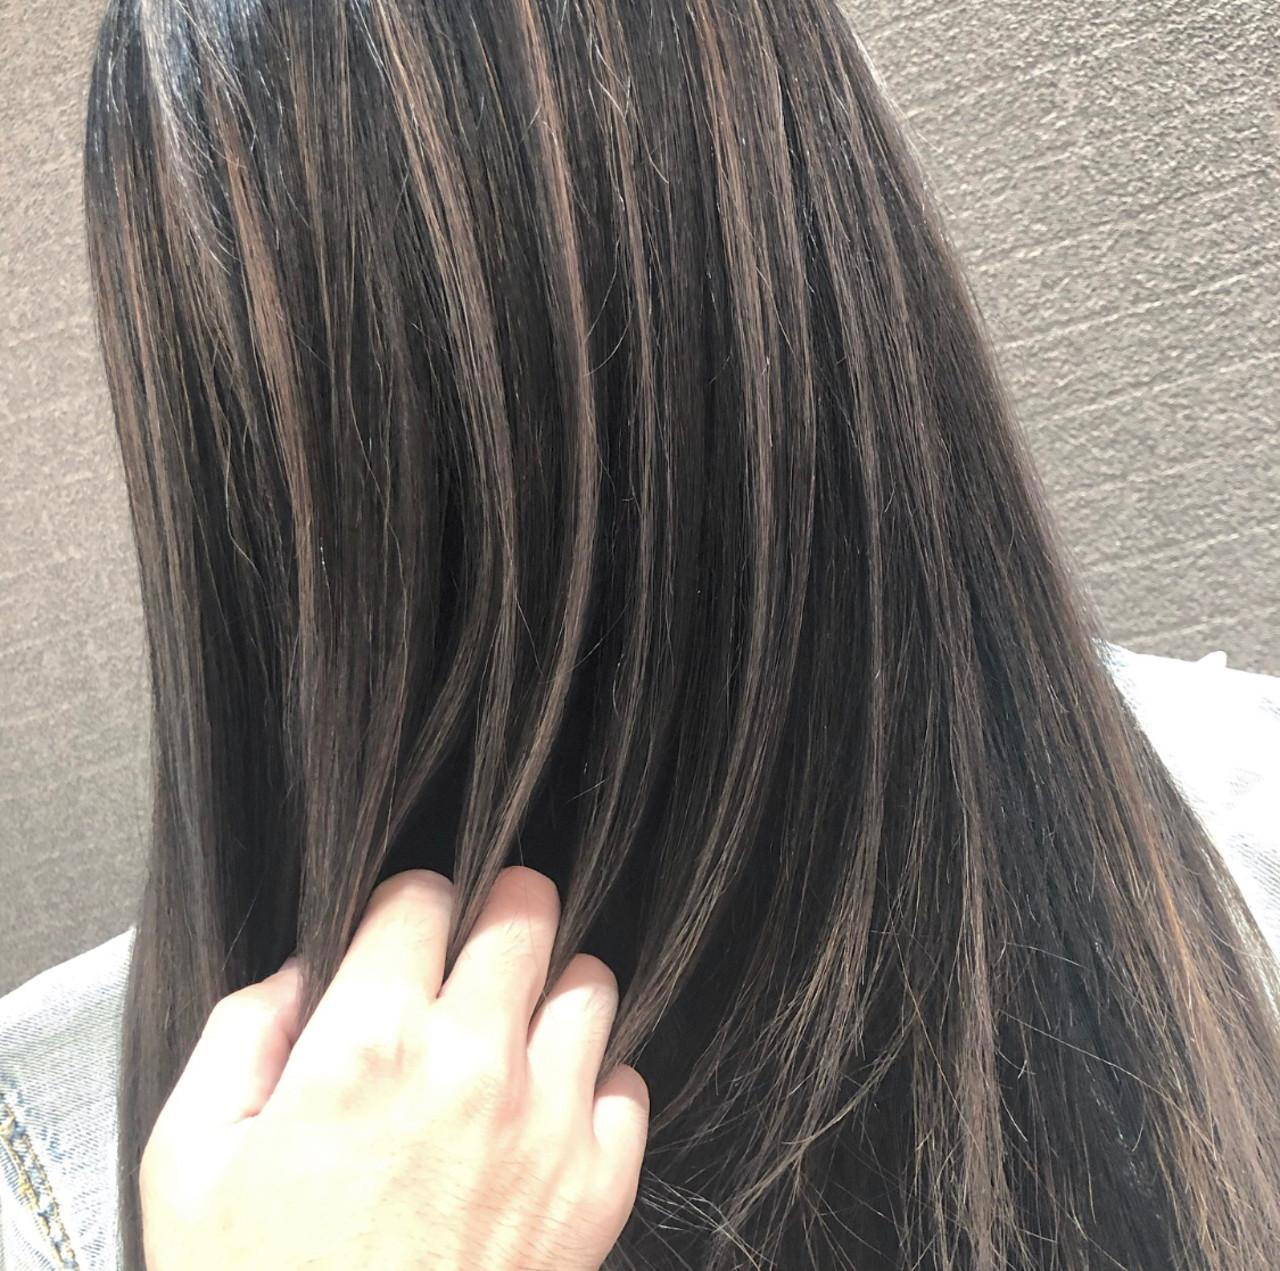 ミディアム 外国人風 バレイヤージュ 外国人風カラー ヘアスタイルや髪型の写真・画像 | アンドウ ユウ / agu hair edge